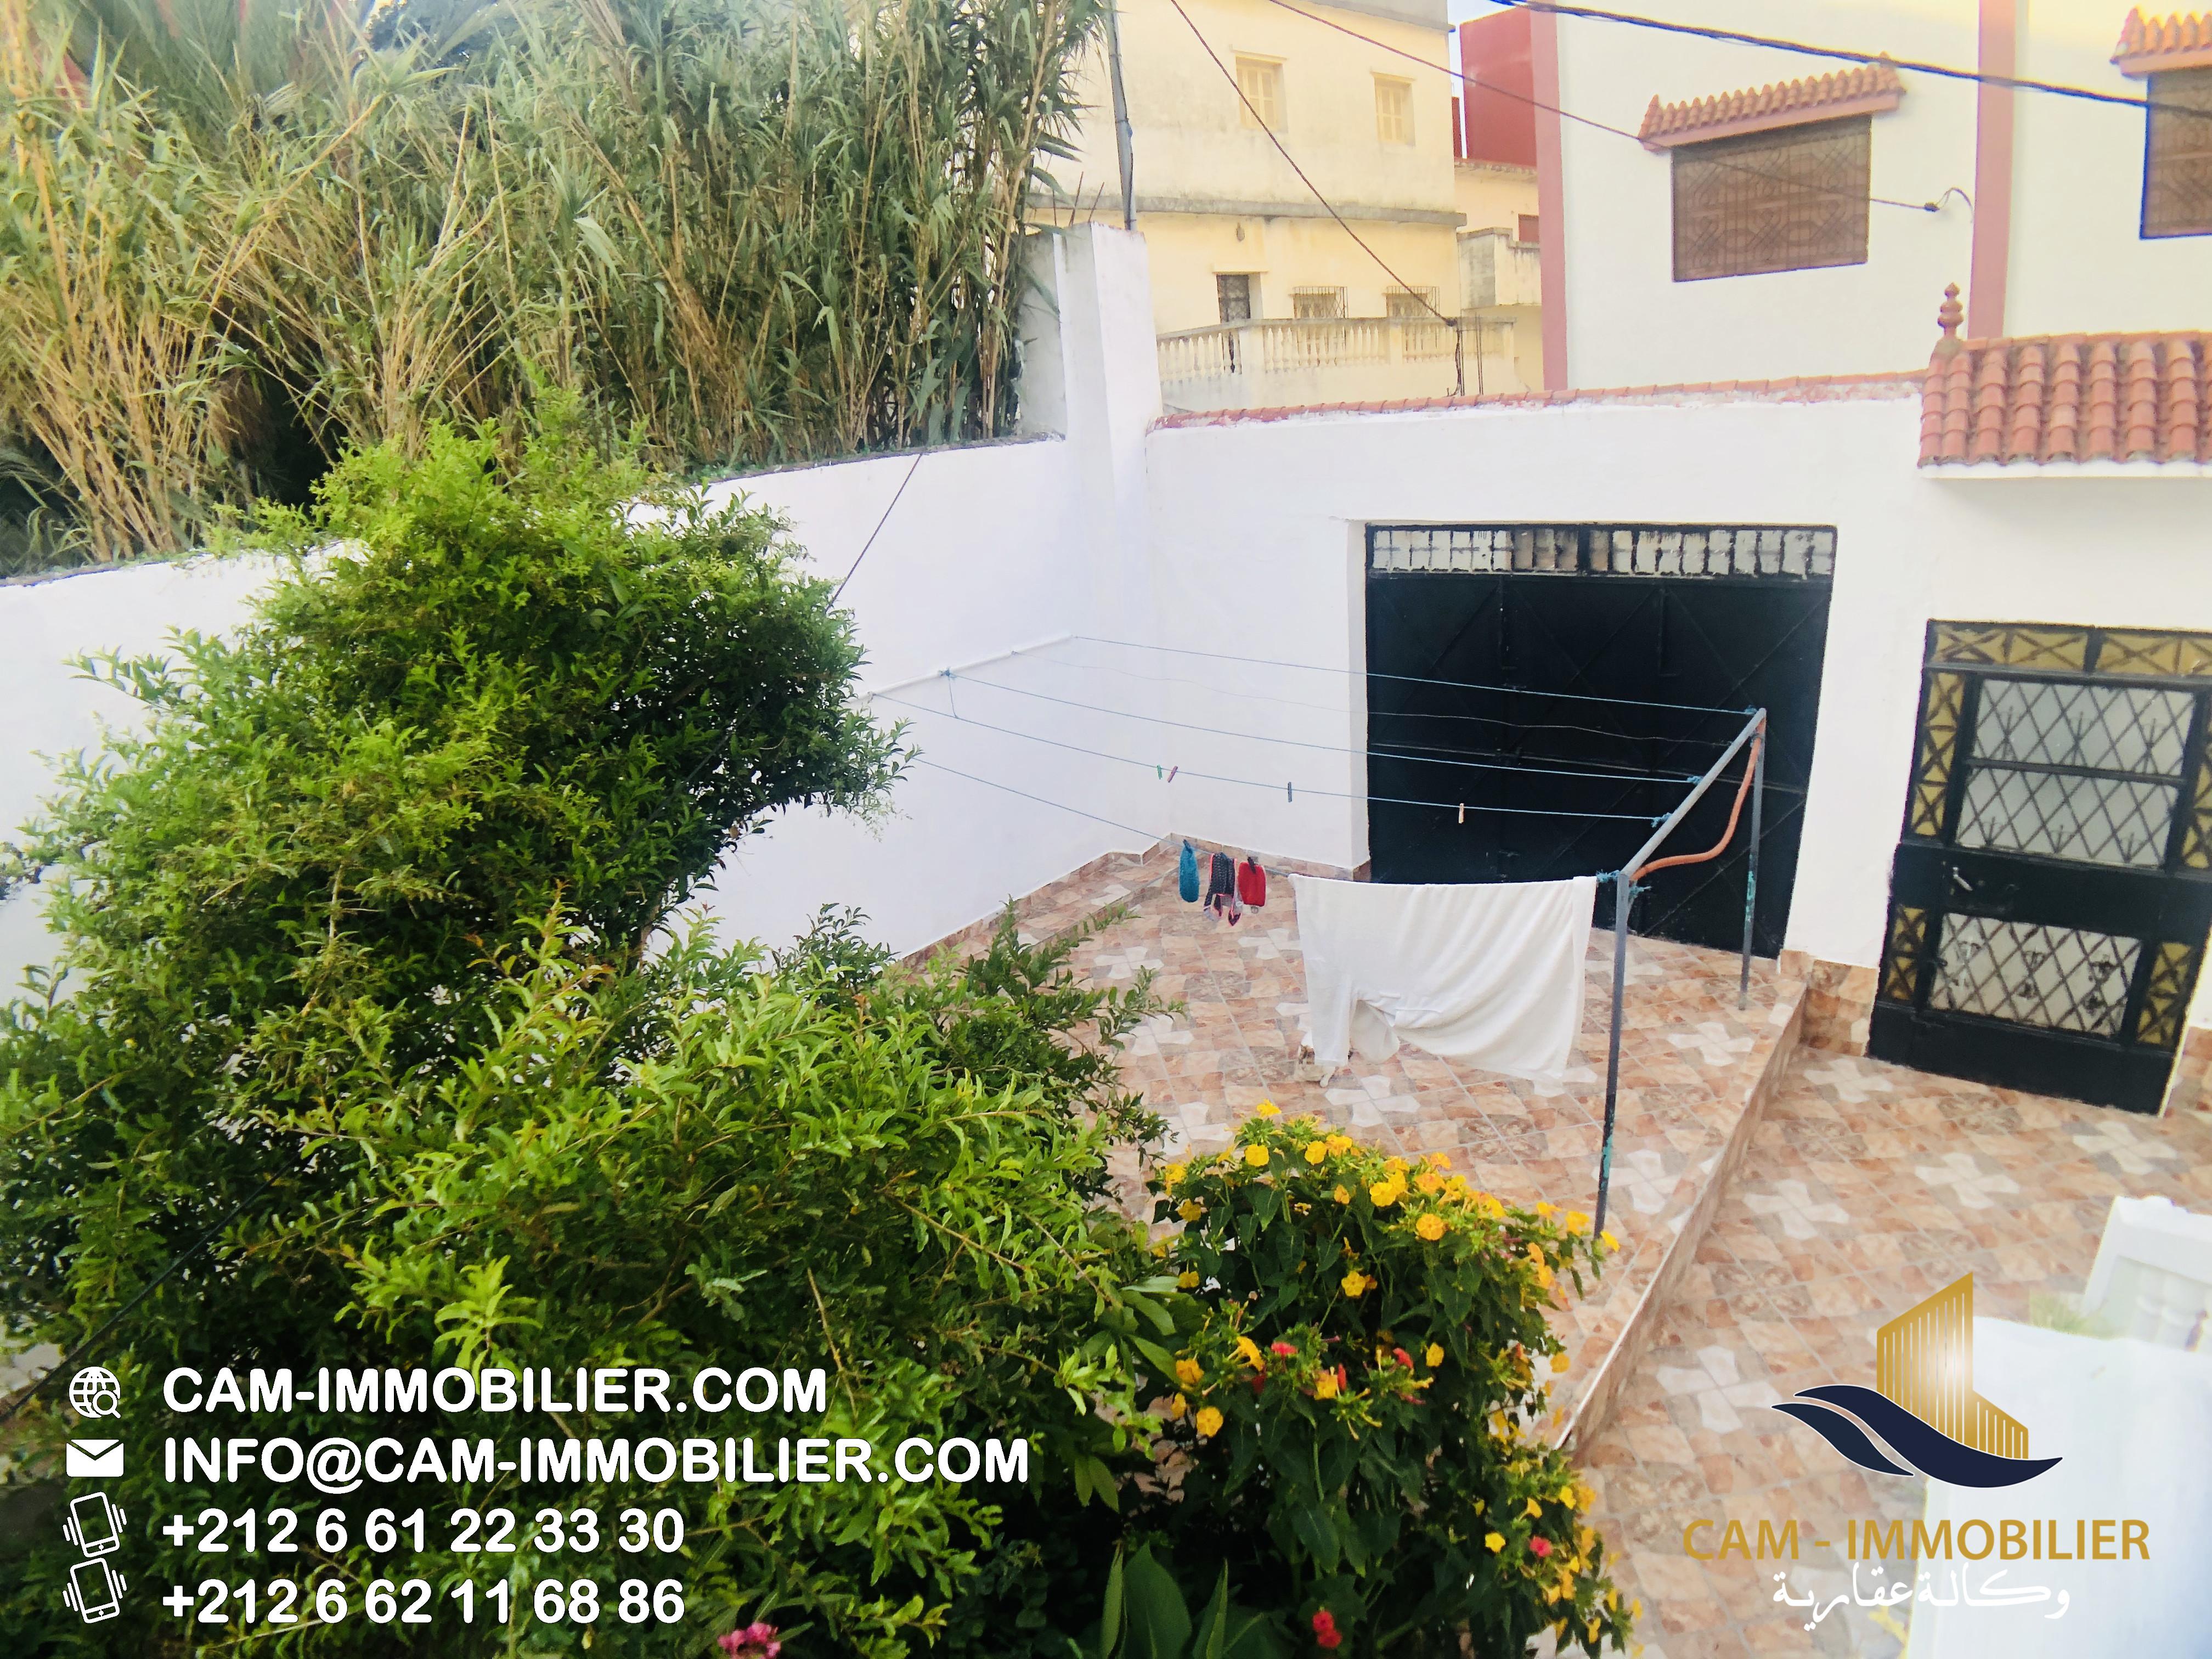 Maison à vendre Tanger Centre ville